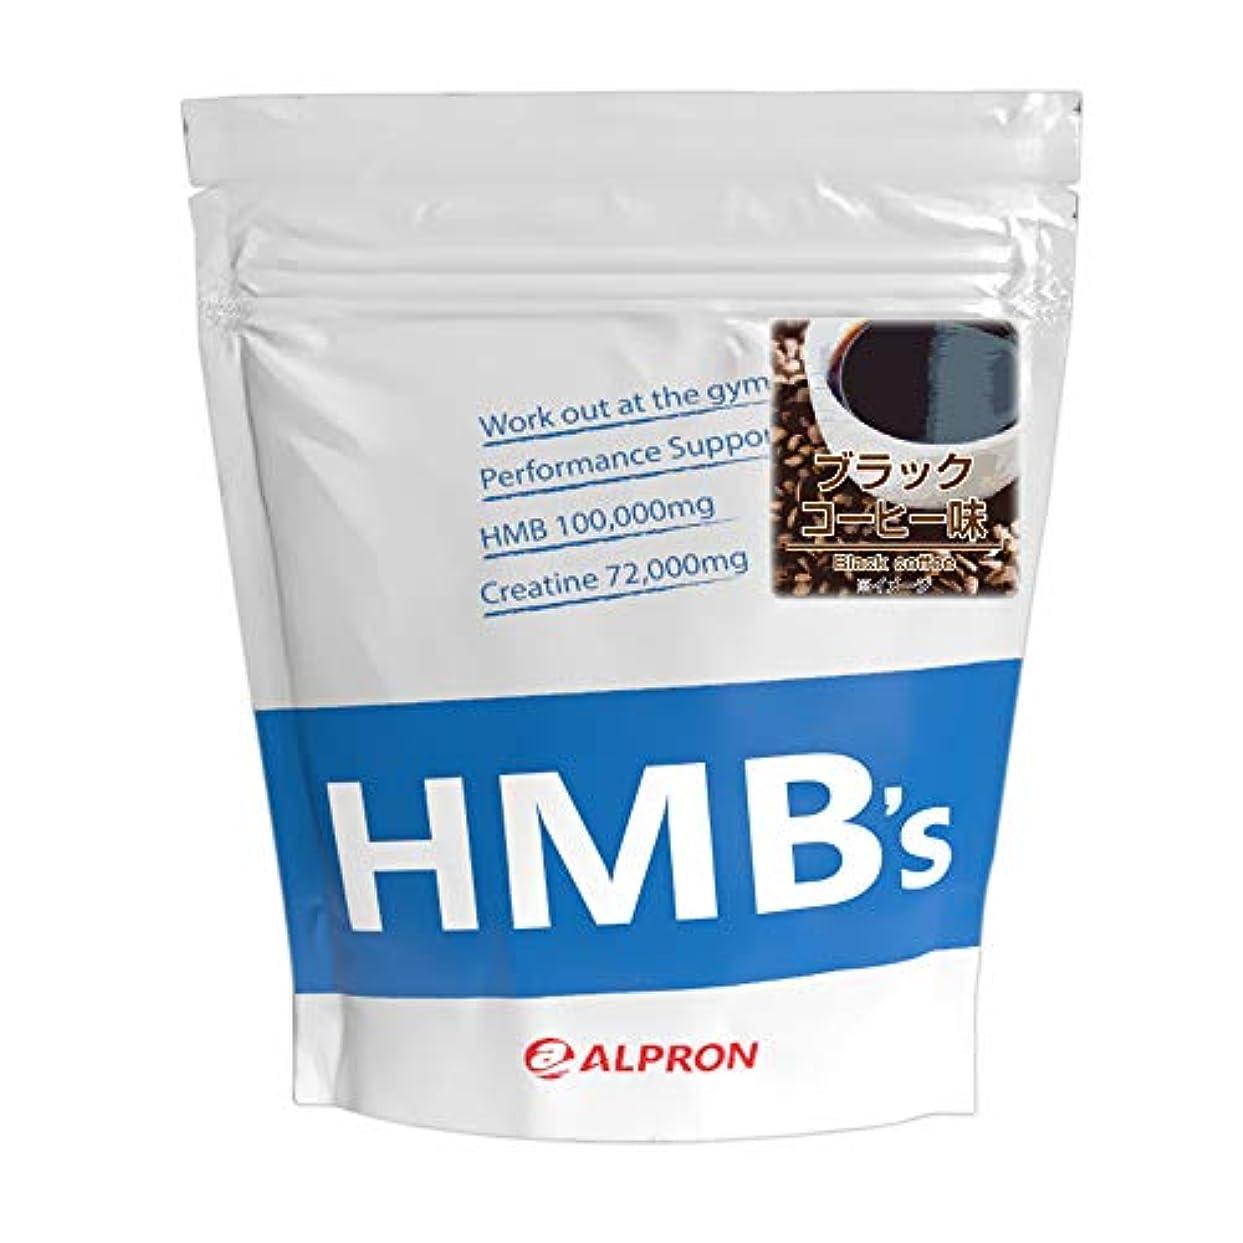 外部委員長狂人アルプロン HMB100,000mg + クレアチン72,000mg (内容量200g) ブラックコーヒー風味(アミノ酸 ALPRON 粉末ドリンク 国内生産)